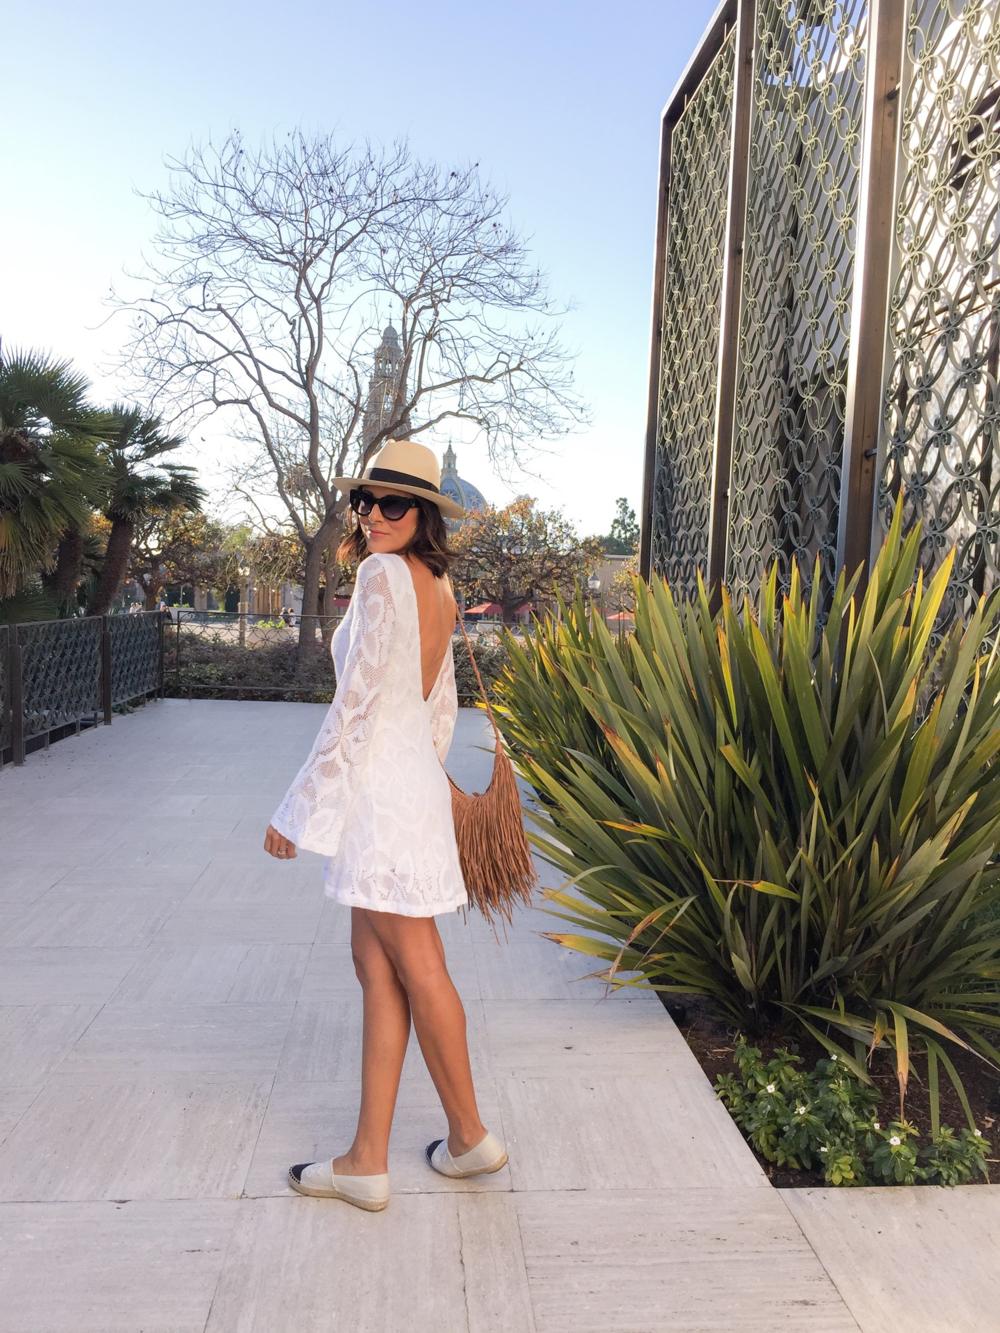 Nightcap clothing, Chanel espadrilles, fringe handbag, white dress, festival vibe,